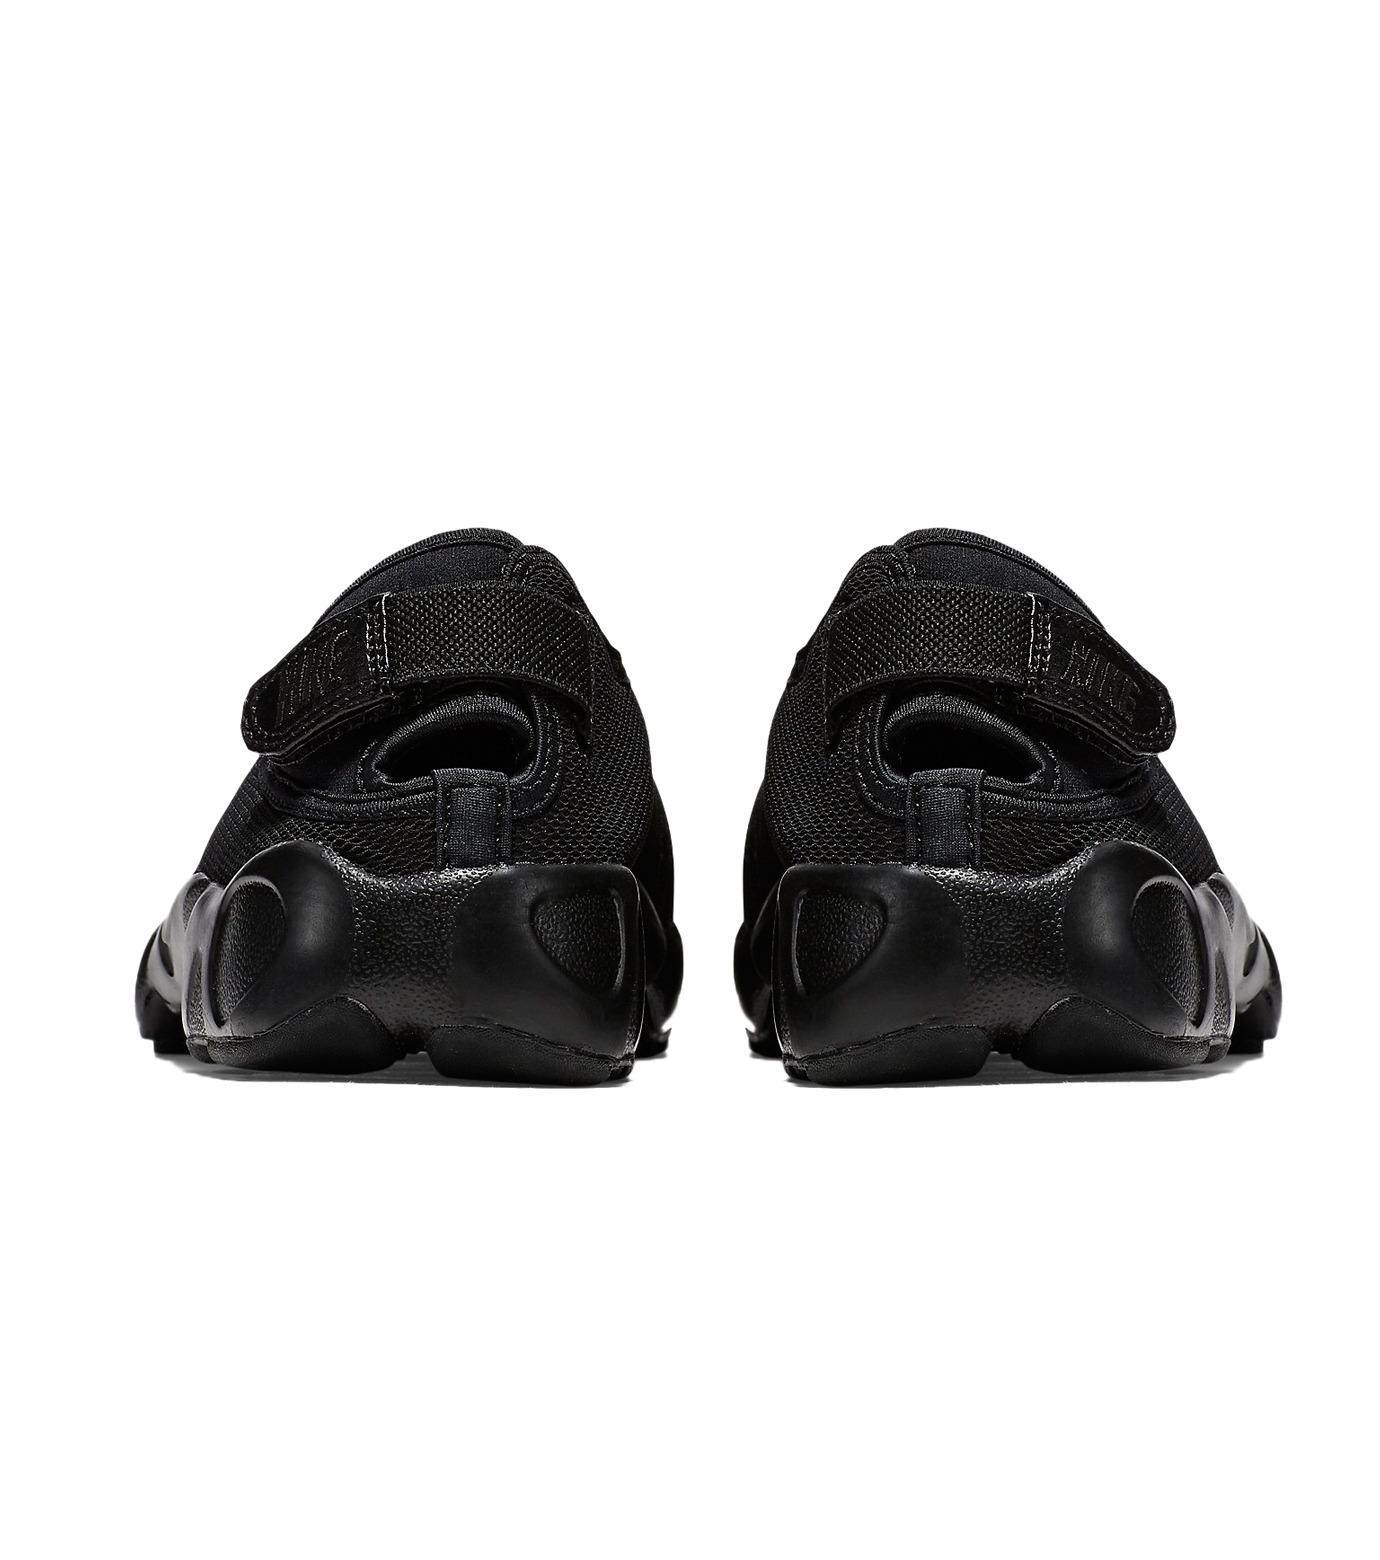 NIKE(ナイキ)のWMNS NIKE RIFT WRAP-BLACK(シューズ/shoes)-853541-003-13 拡大詳細画像6